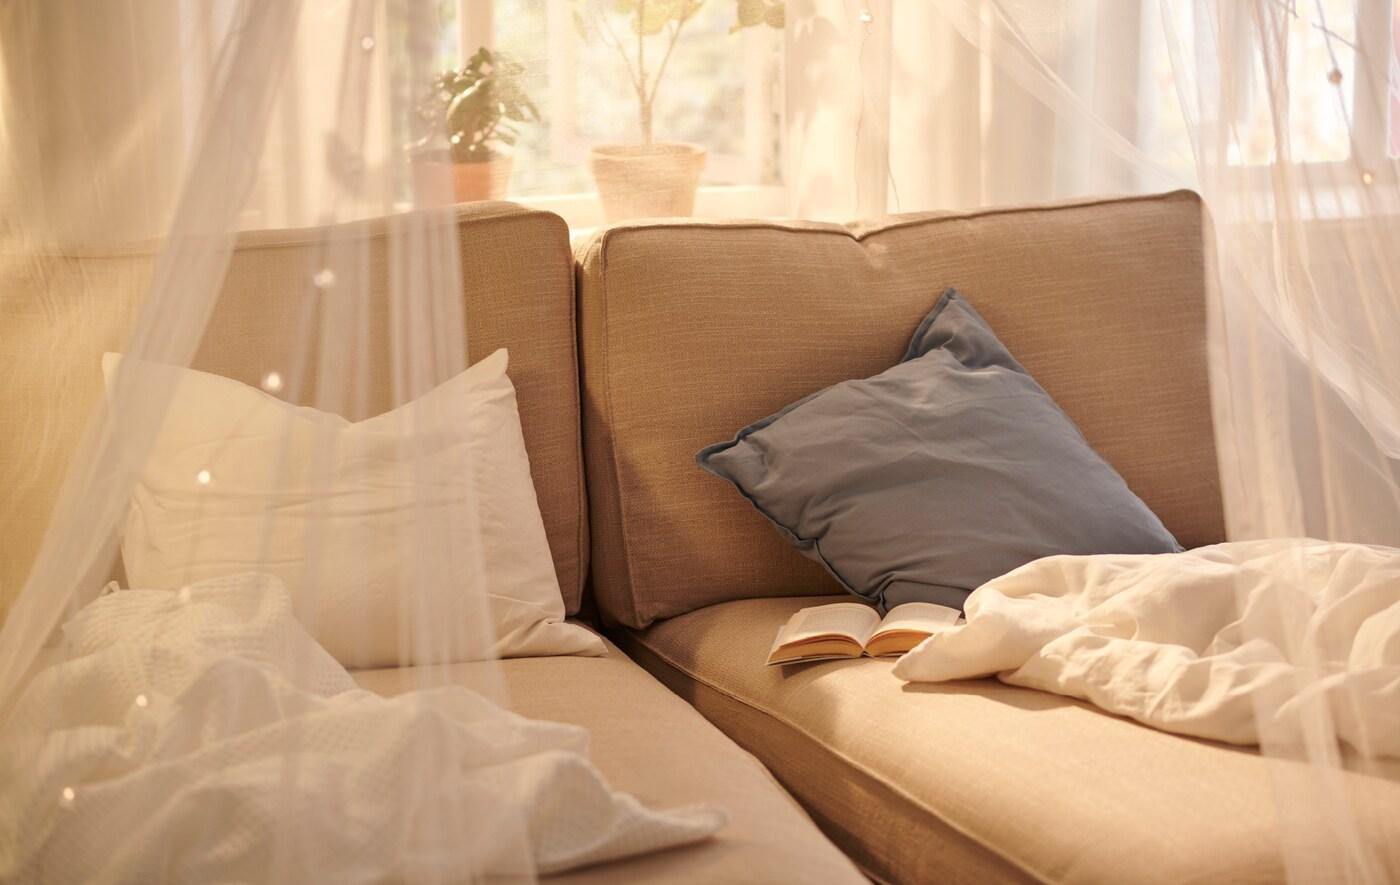 Zwei Récamieren in Beige, die nebeneinander vor einem Fenster stehen, sind ideal zur Entspannung im Alltag.